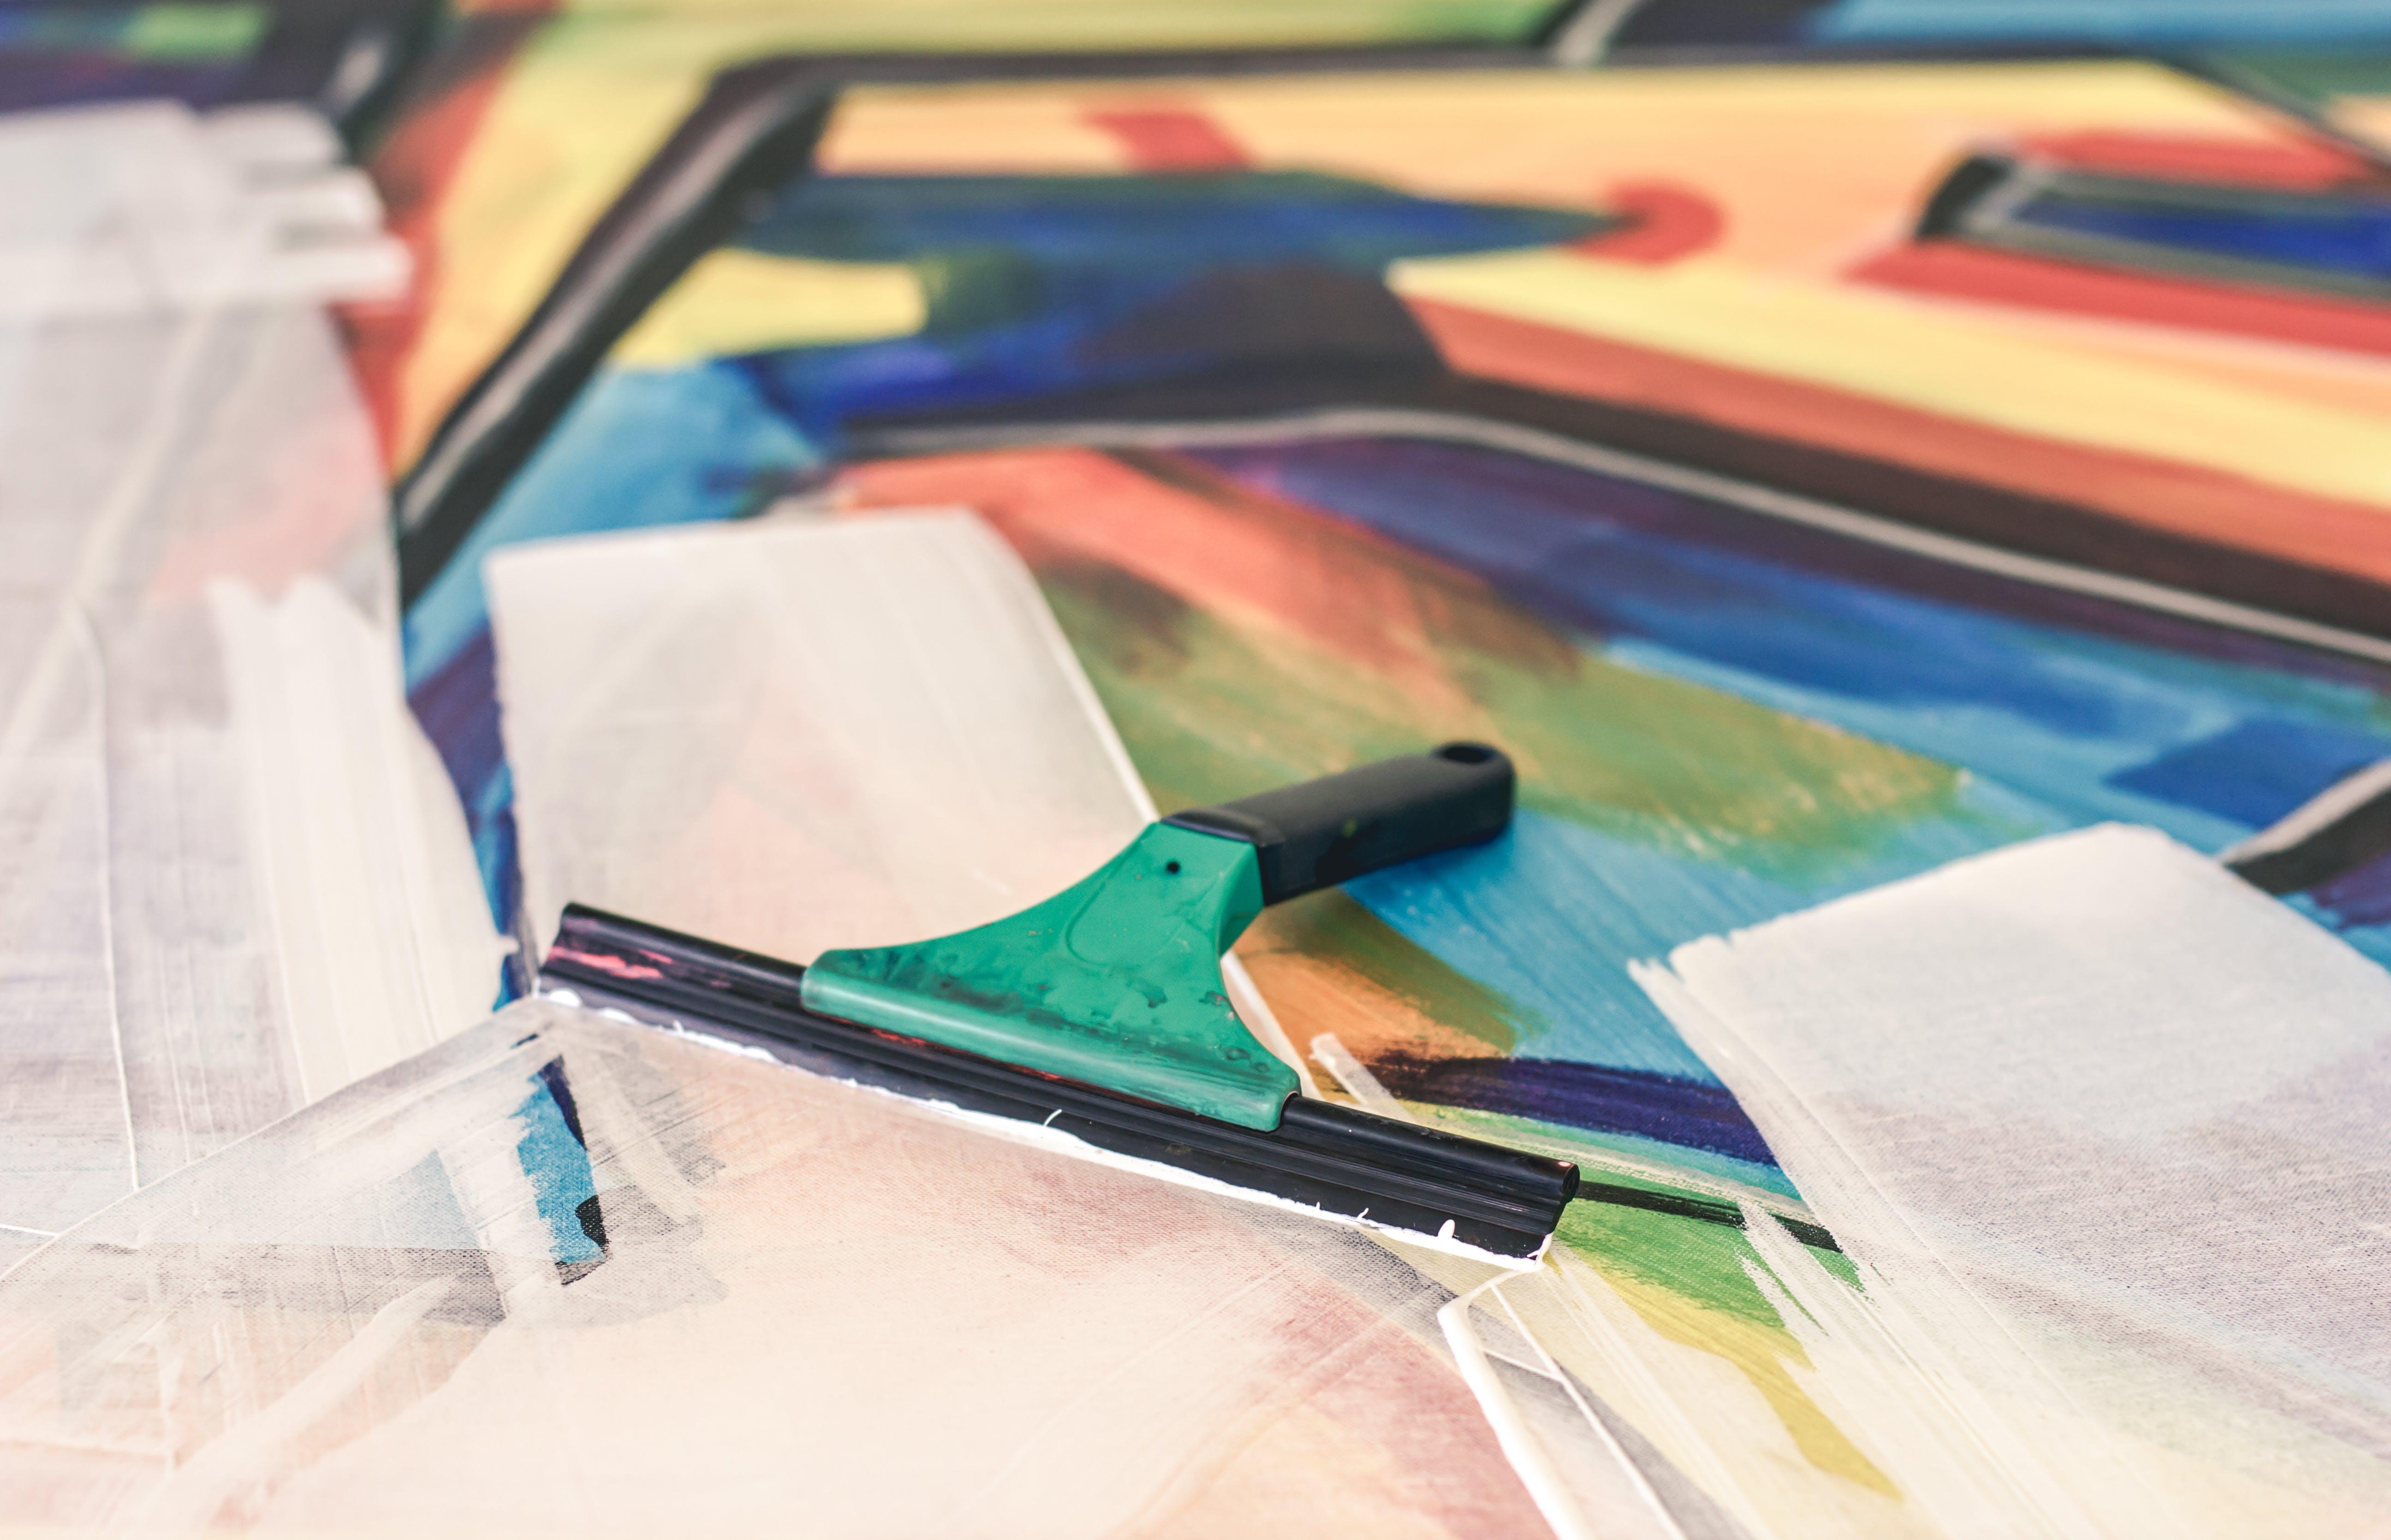 Fotos de stock gratuitas de afición, Arte, colegio, color